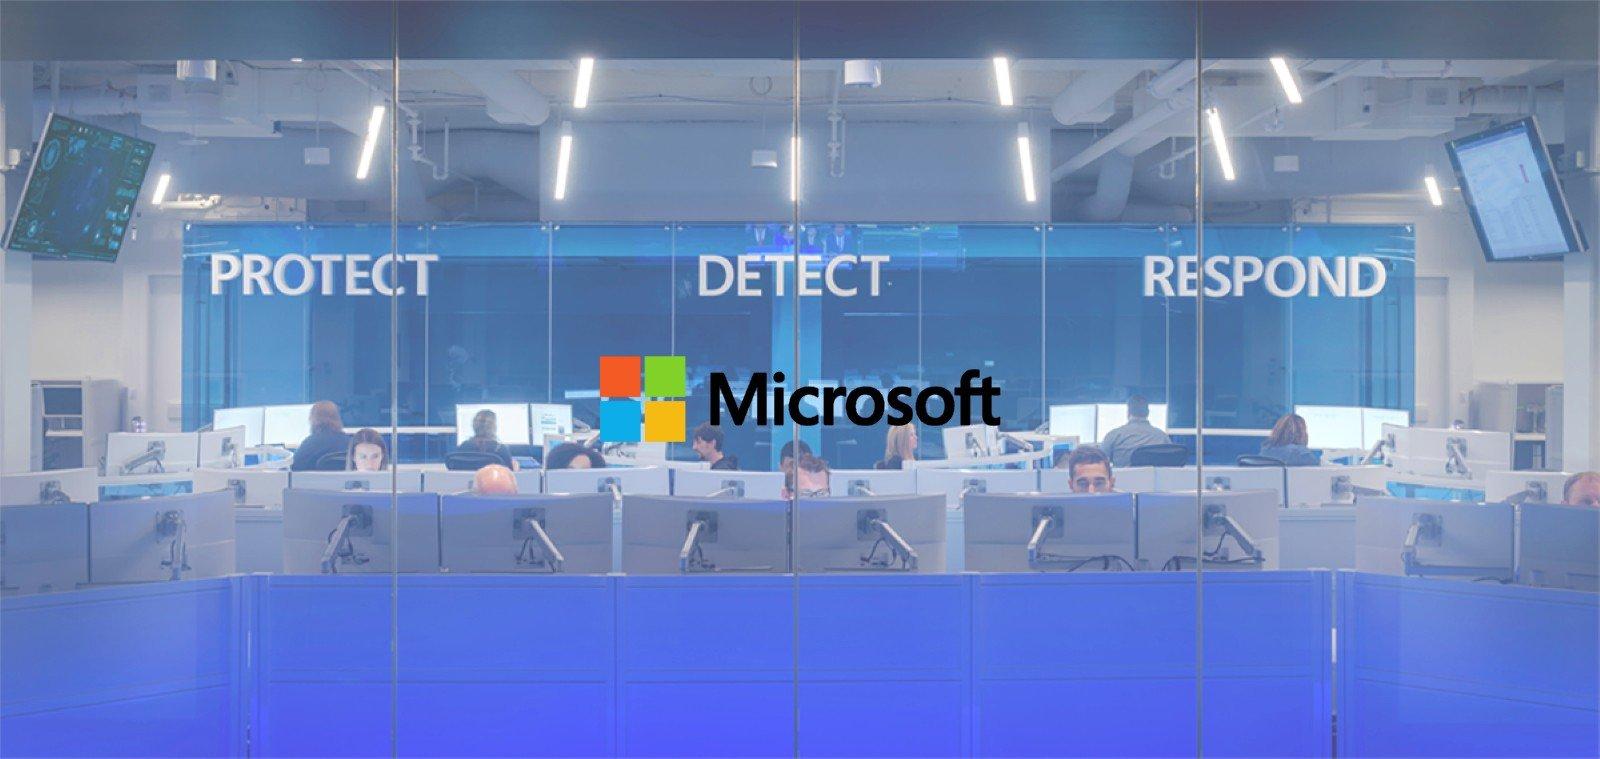 H επίθεση SolarWinds ήταν η πιο δύσκολη που αντιμετώπισε η Microsoft